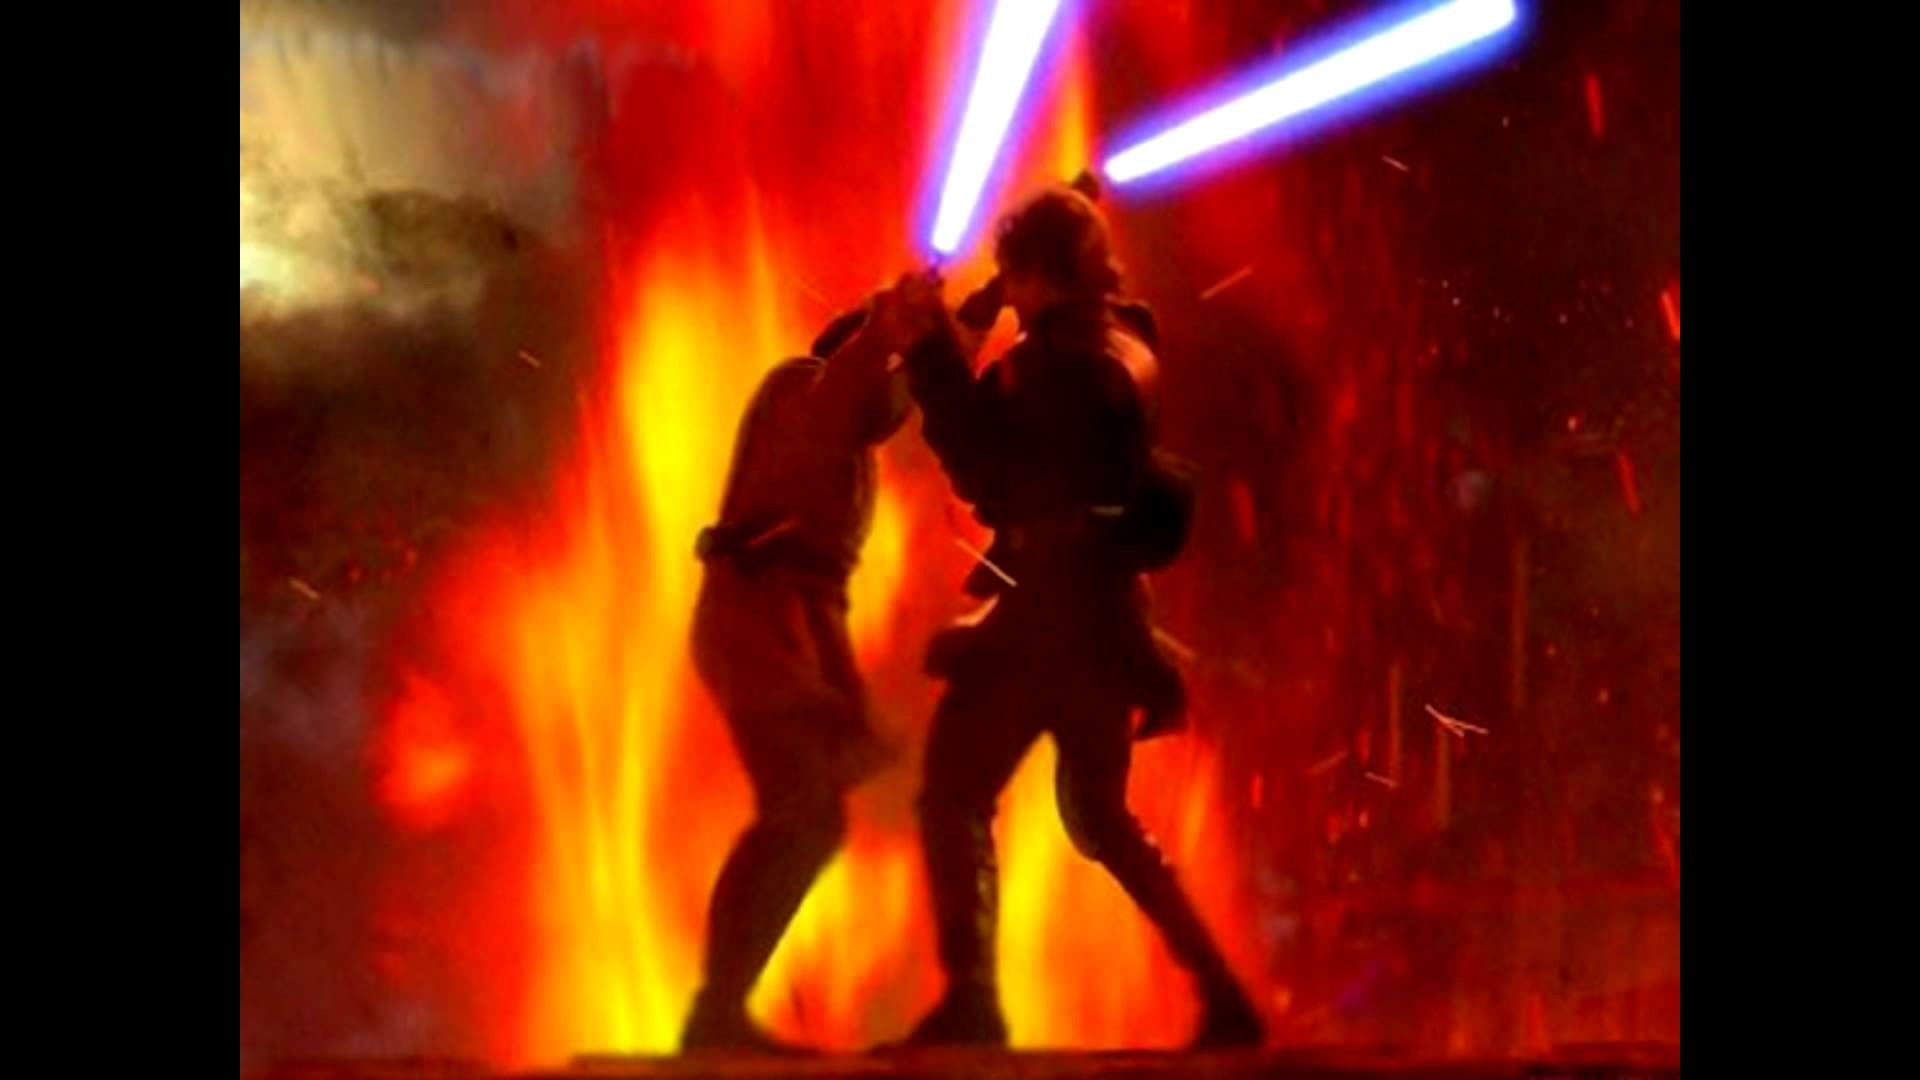 Anakin Vs Obi Wan Wallpaper 65 Images